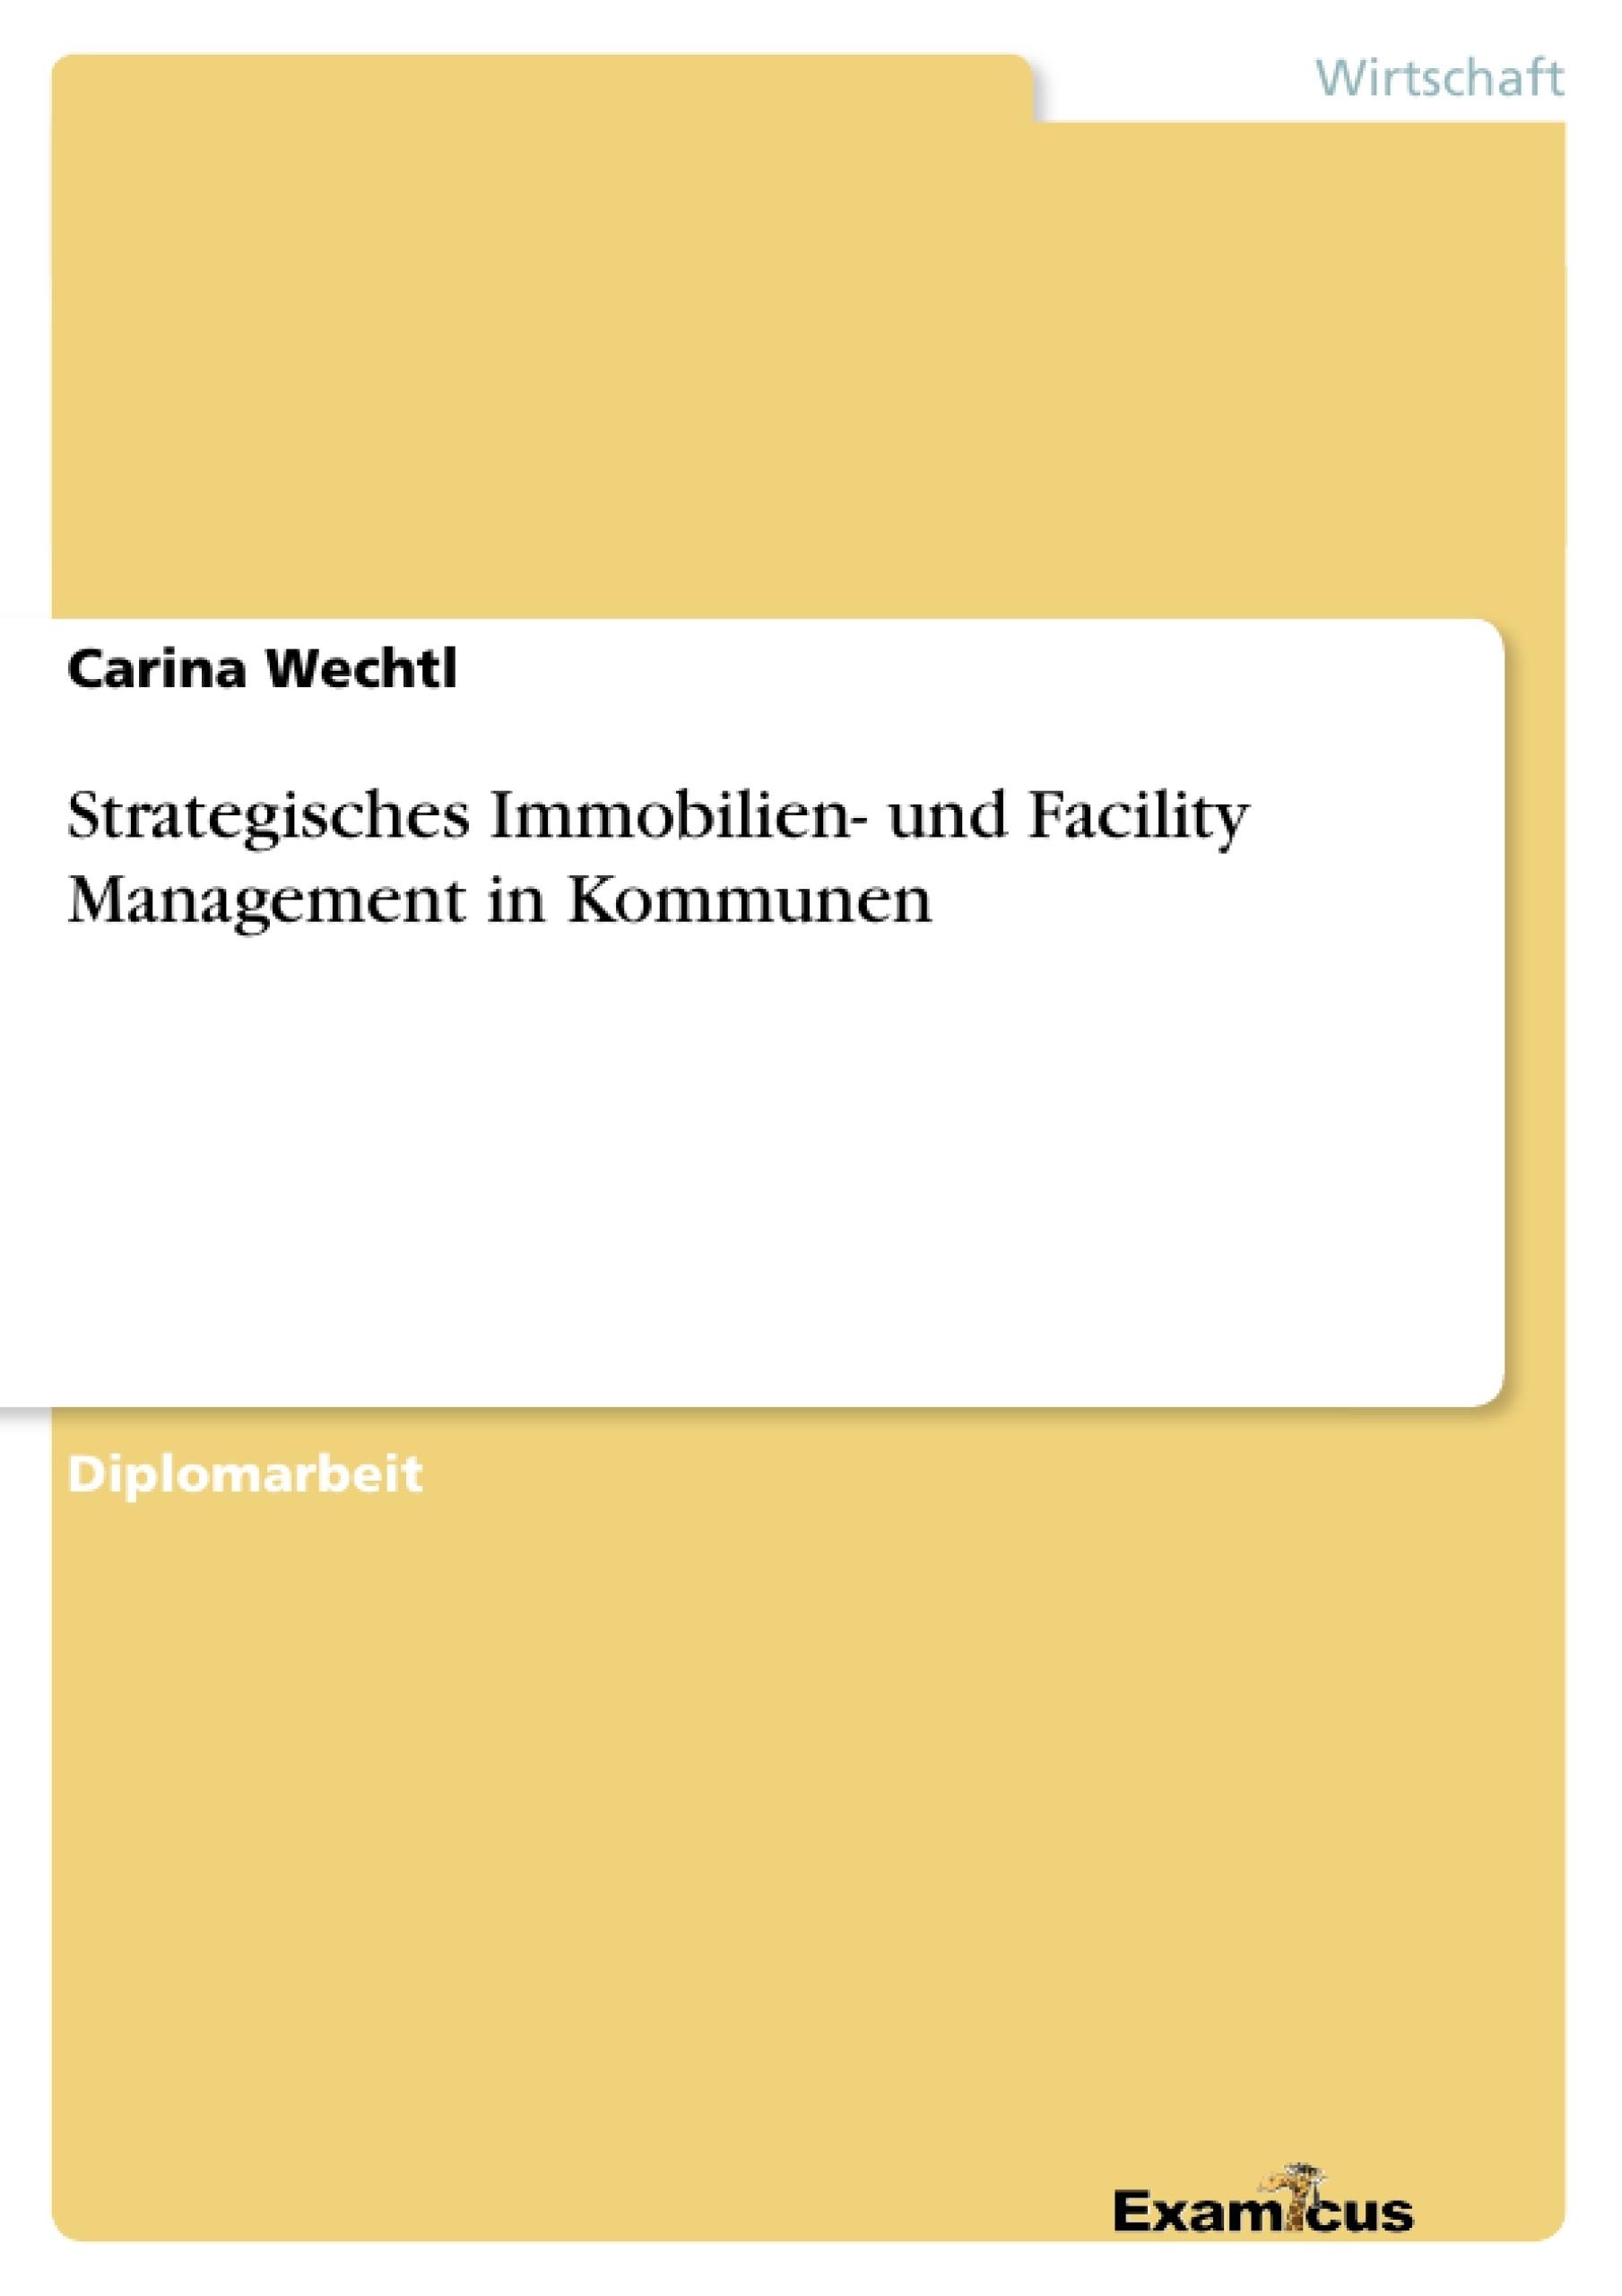 Titel: Strategisches Immobilien- und Facility Management in Kommunen